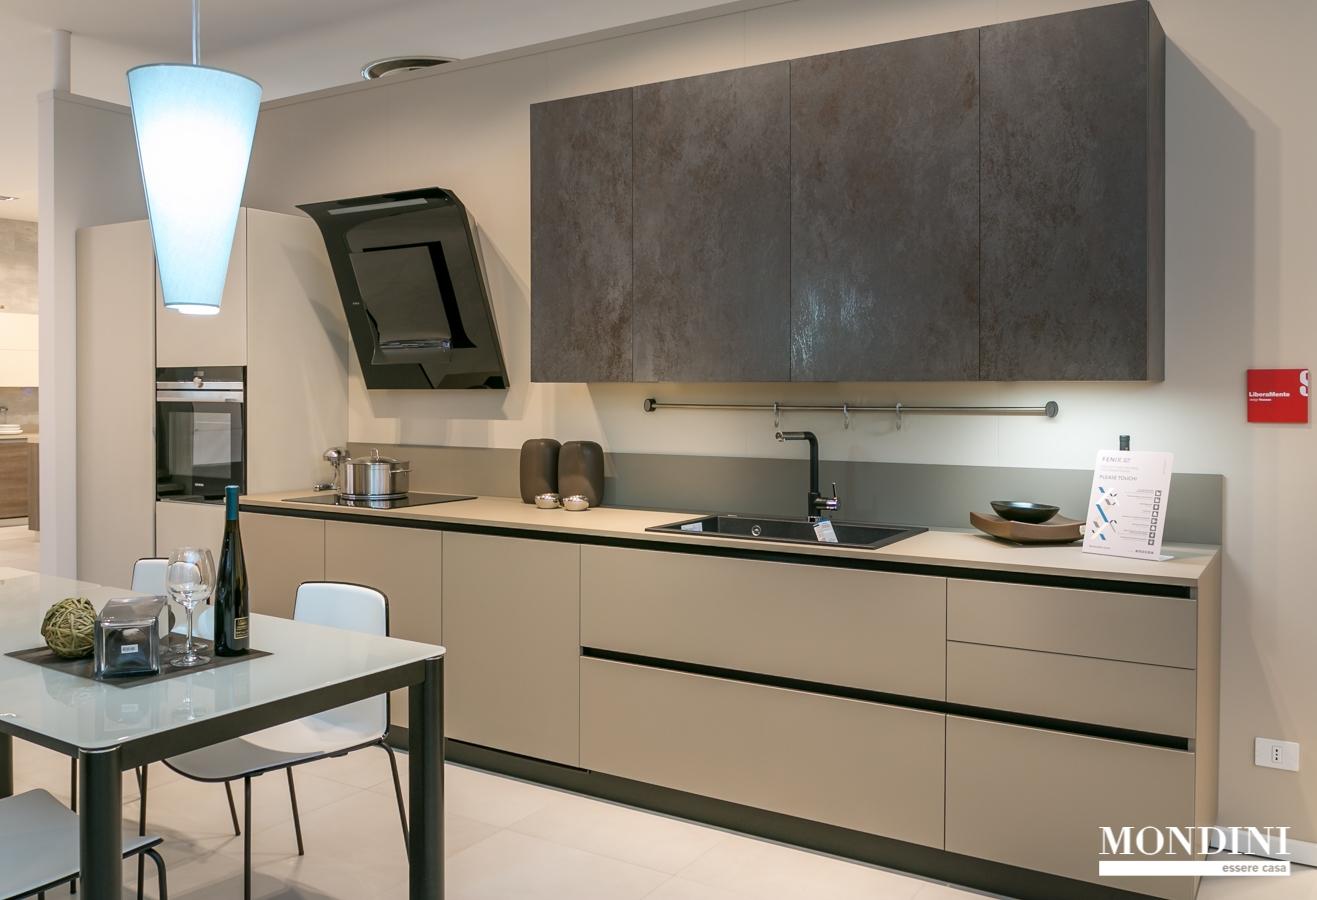 Cucina lineare scavolini liberamente in fenix scontata del 32 cucine a prezzi scontati - Top cucina fenix prezzo ...